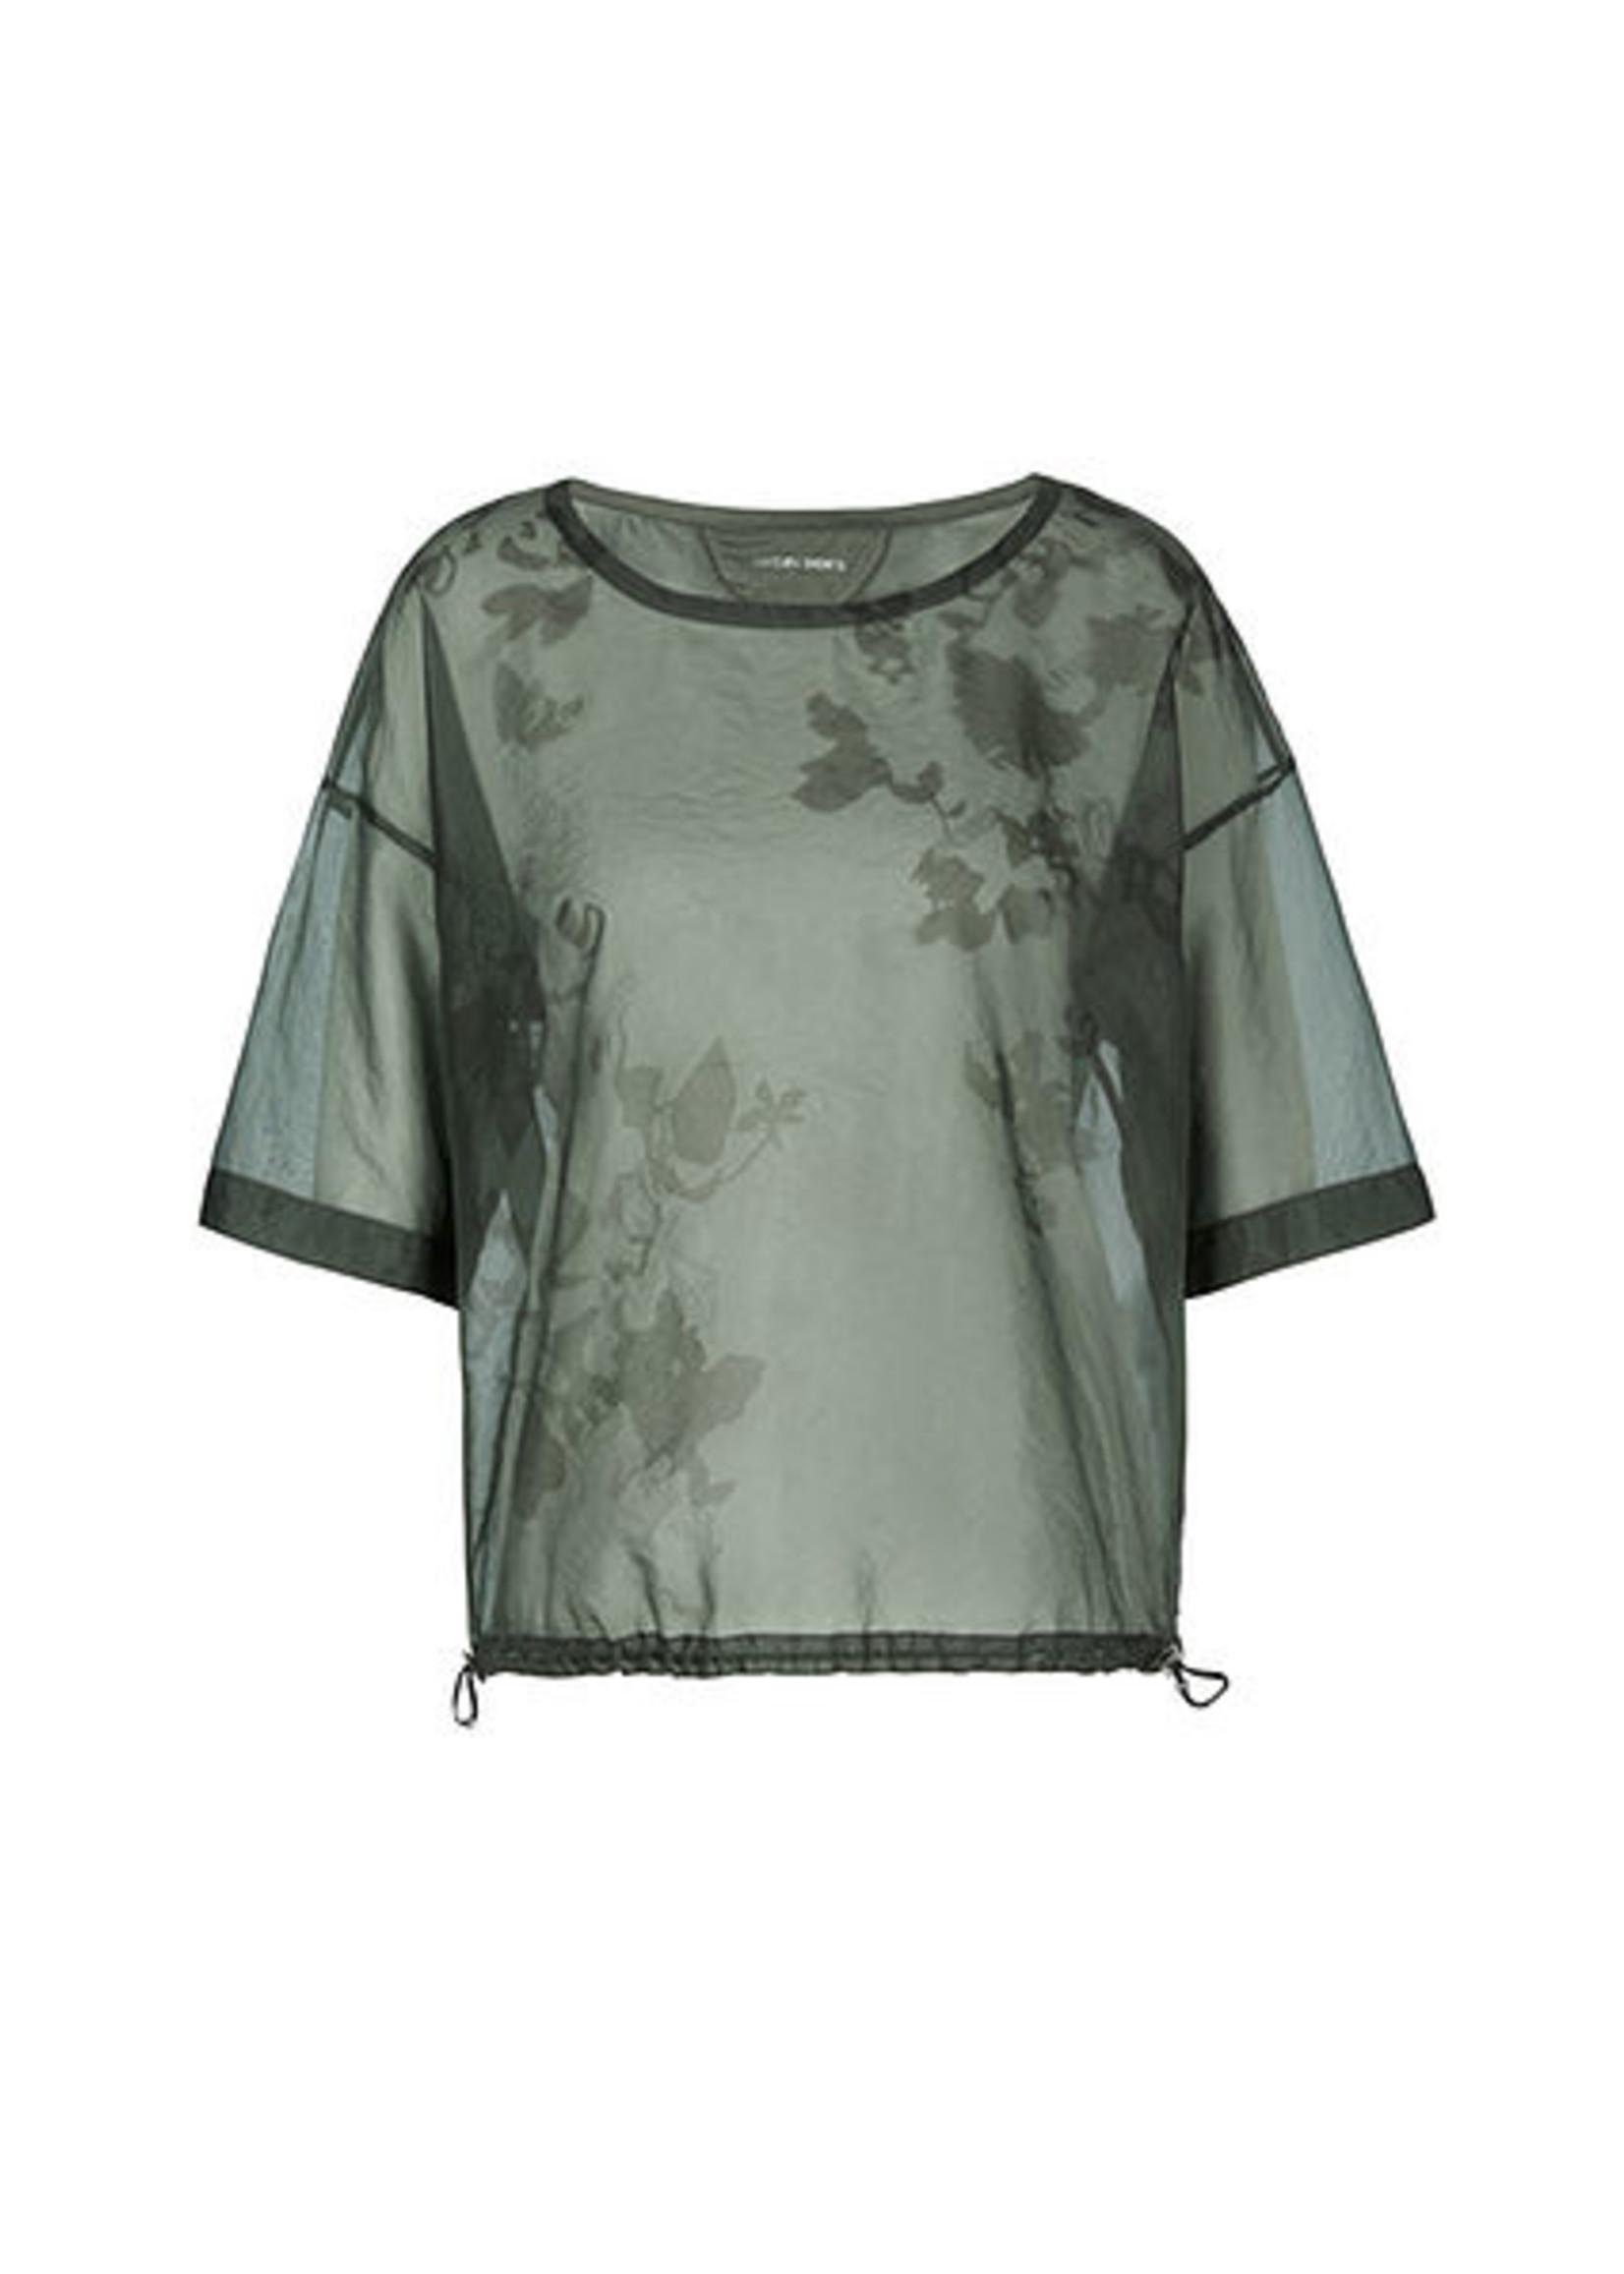 T-shirt QS 48.70 W31